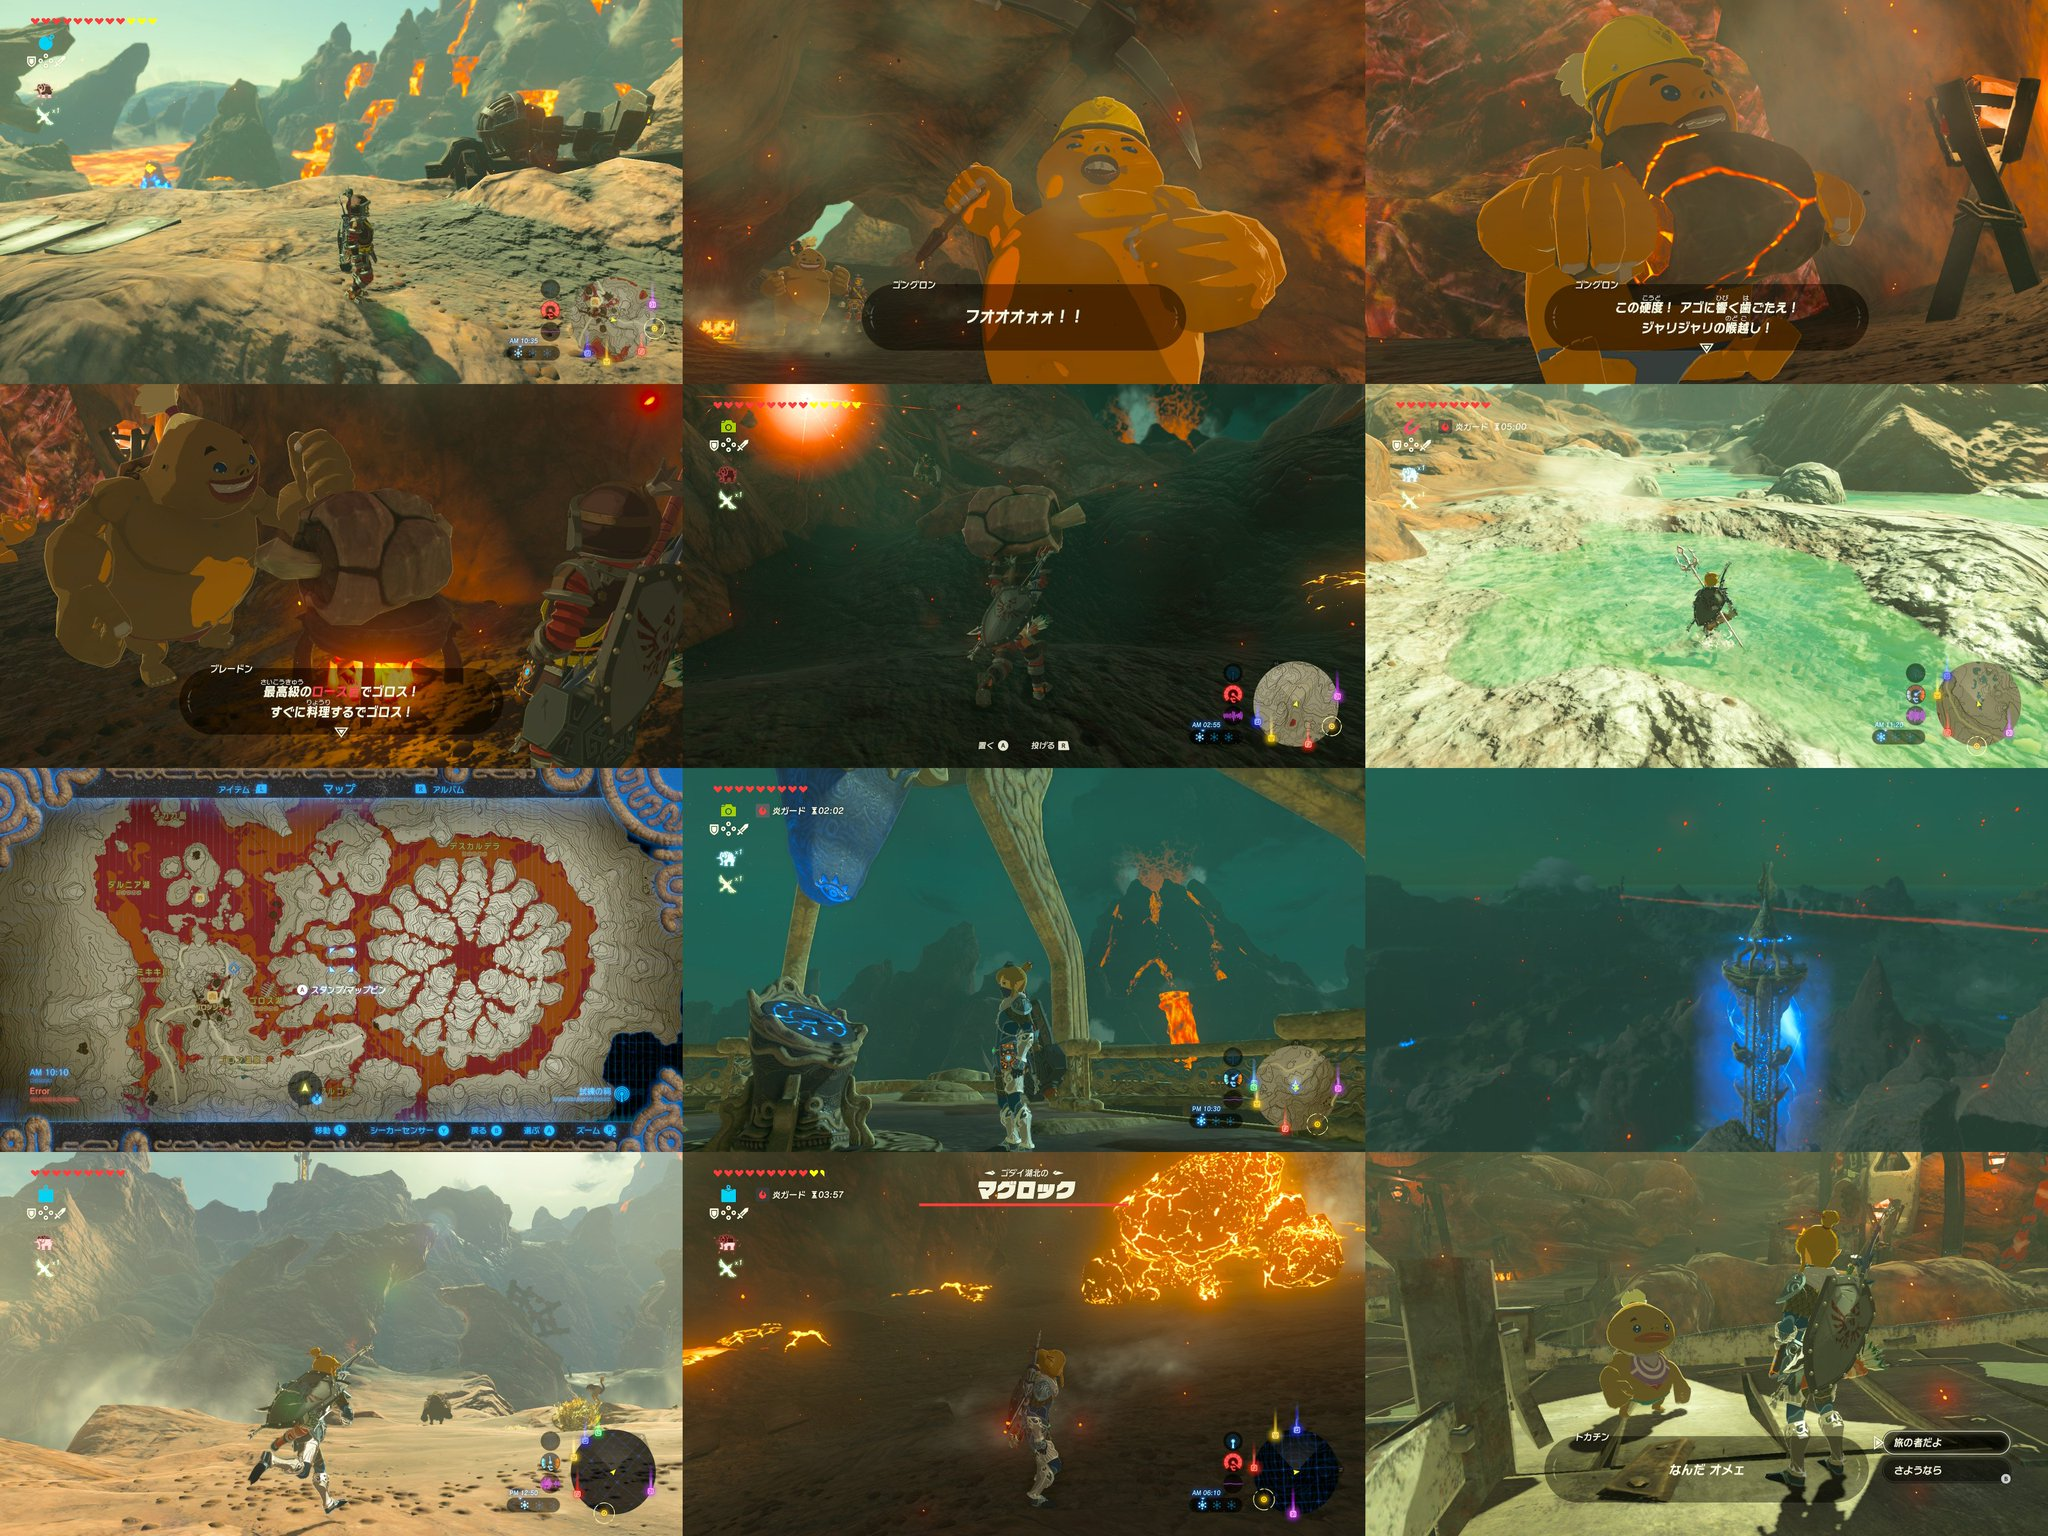 灼熱のゴロンシティ周辺でいろいろがんばる。塔、ロース岩、温泉、マグロック遭遇。 #ゼルダの伝説 #BreathoftheWild #NintendoSwitch https://t.co/YzwVwP1hZn